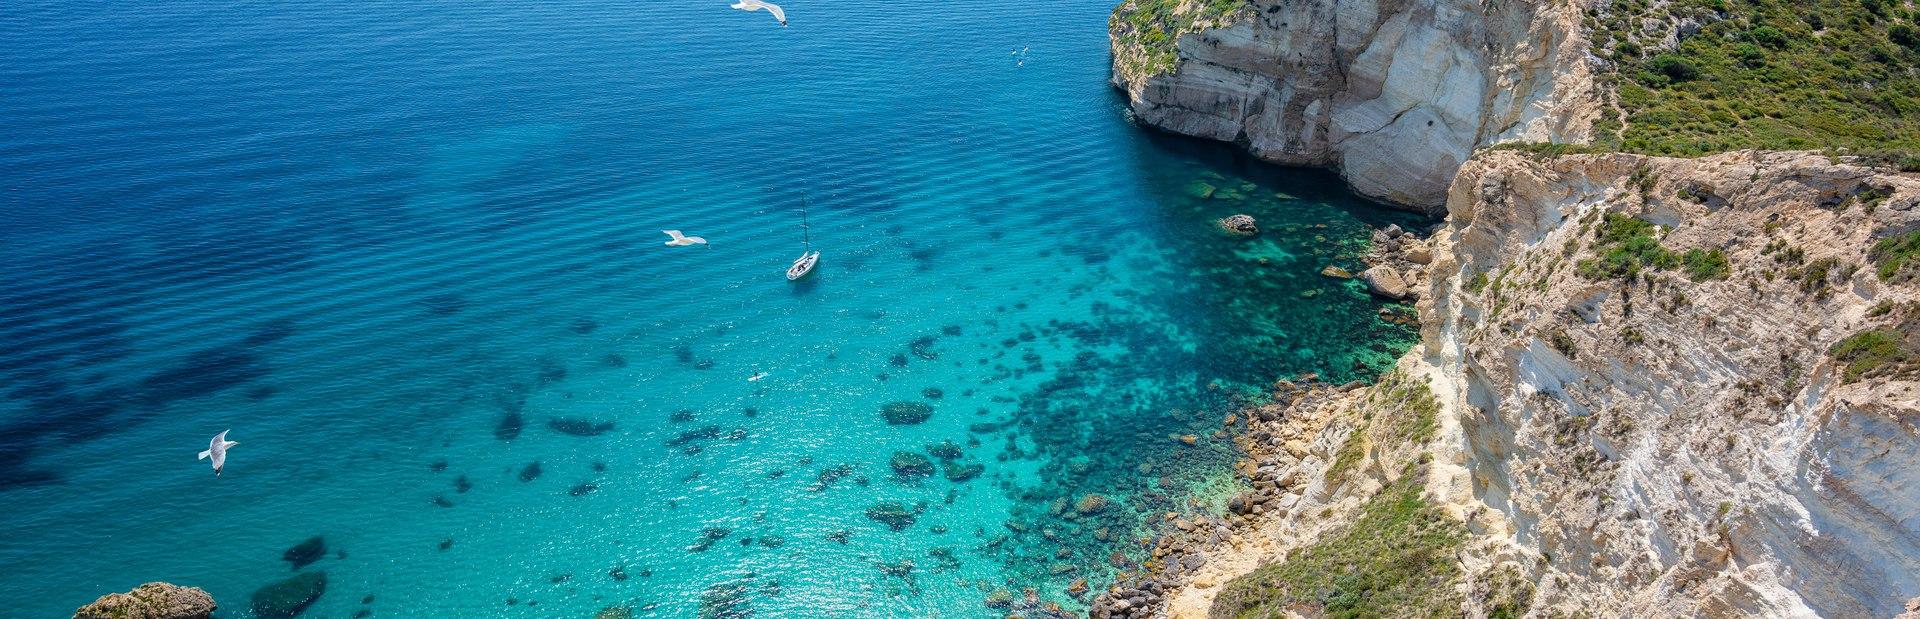 Cagliari inspiration and tips